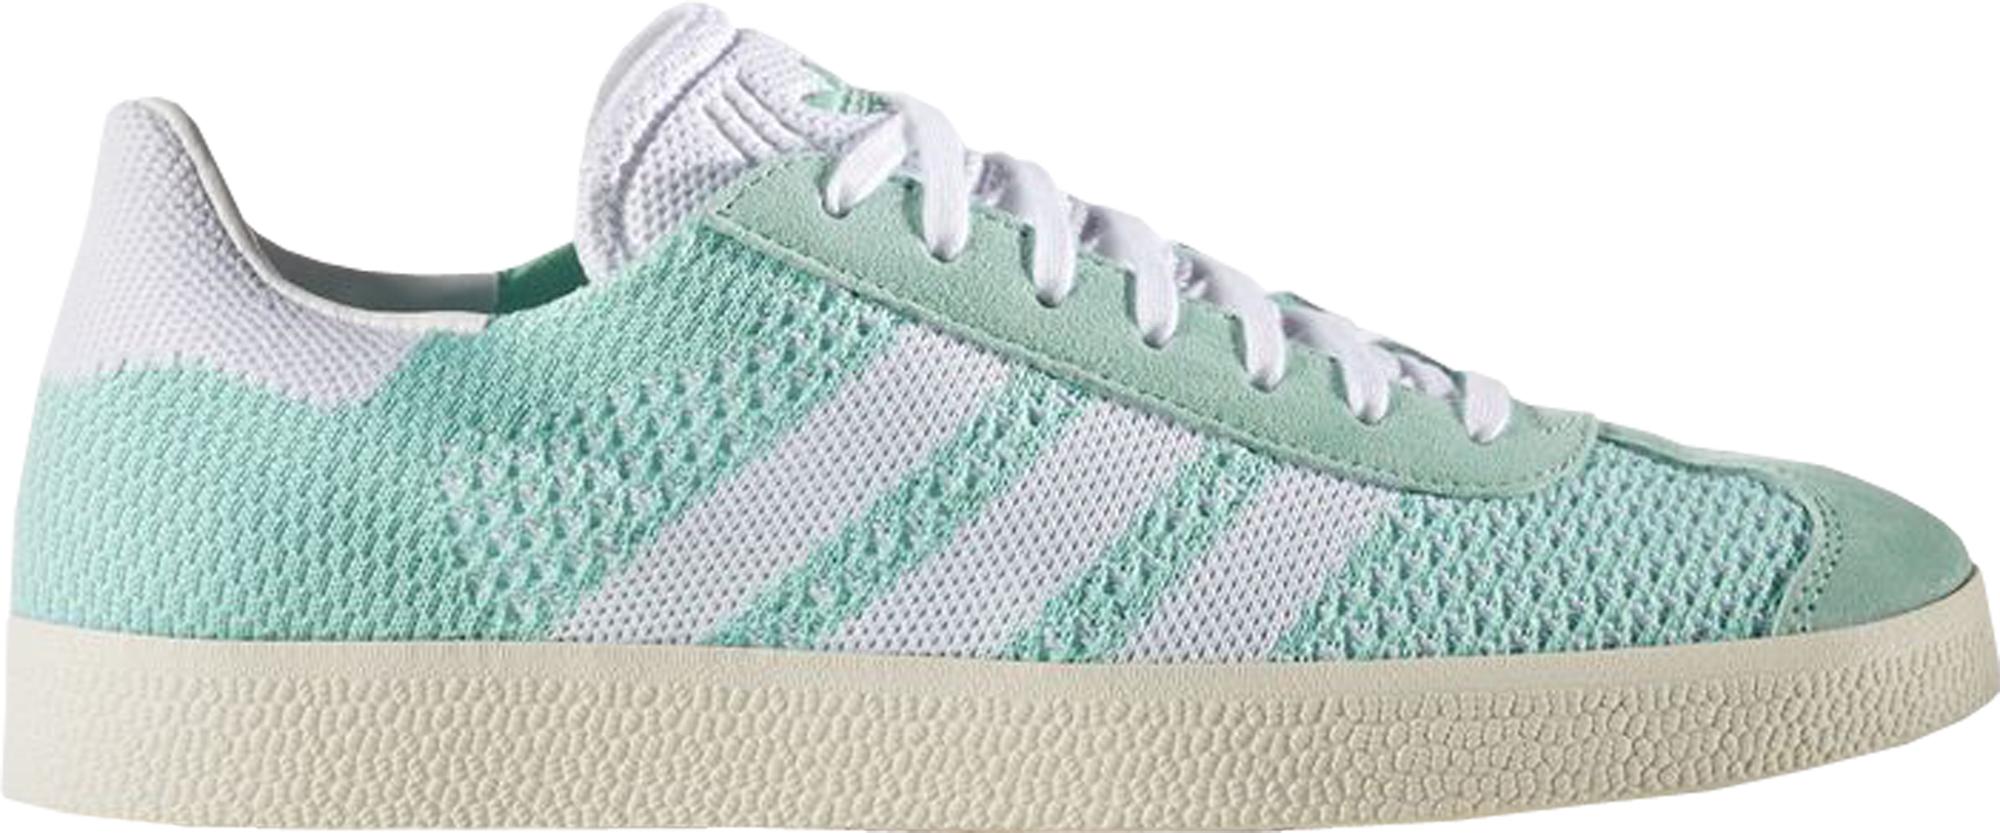 adidas Gazelle Easy Green (W)